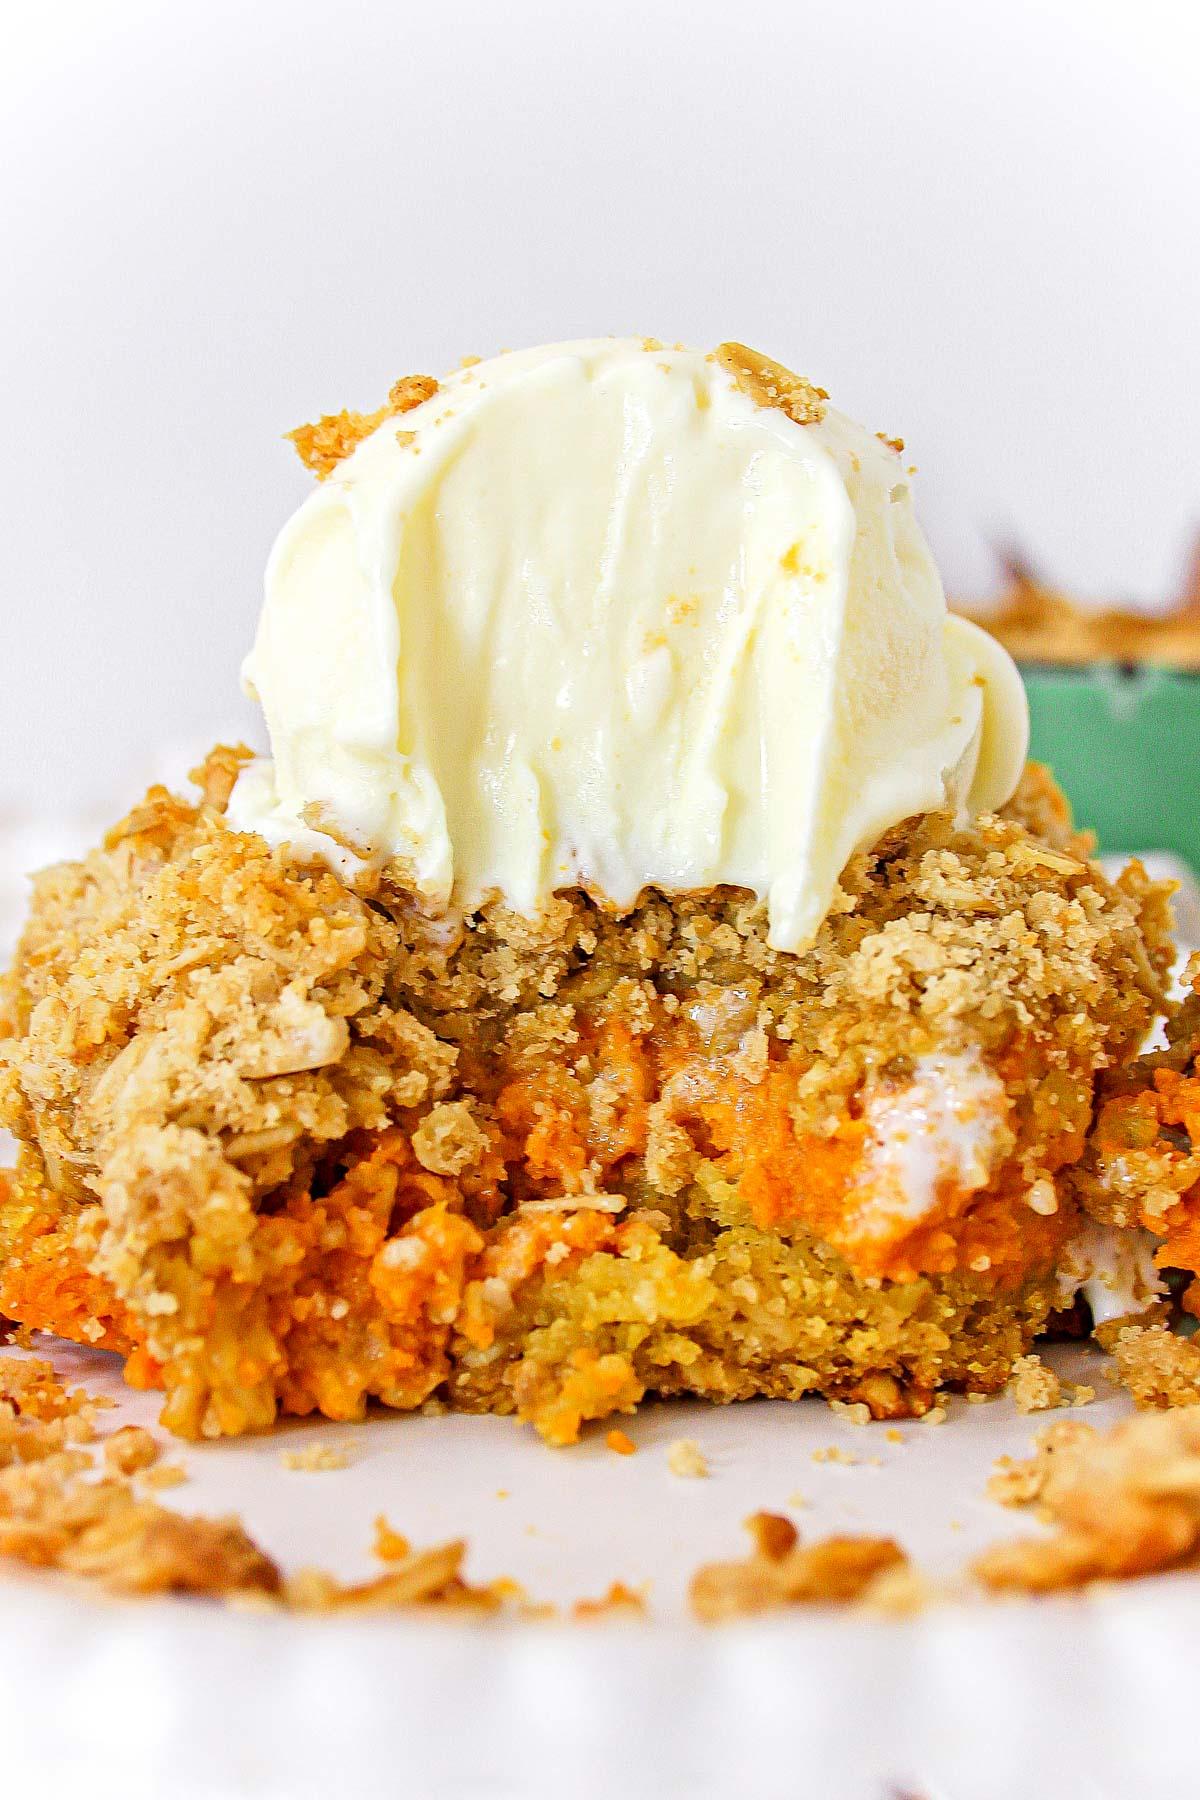 Maple pumpkin crisp with a scoop of vanilla ice cream on top